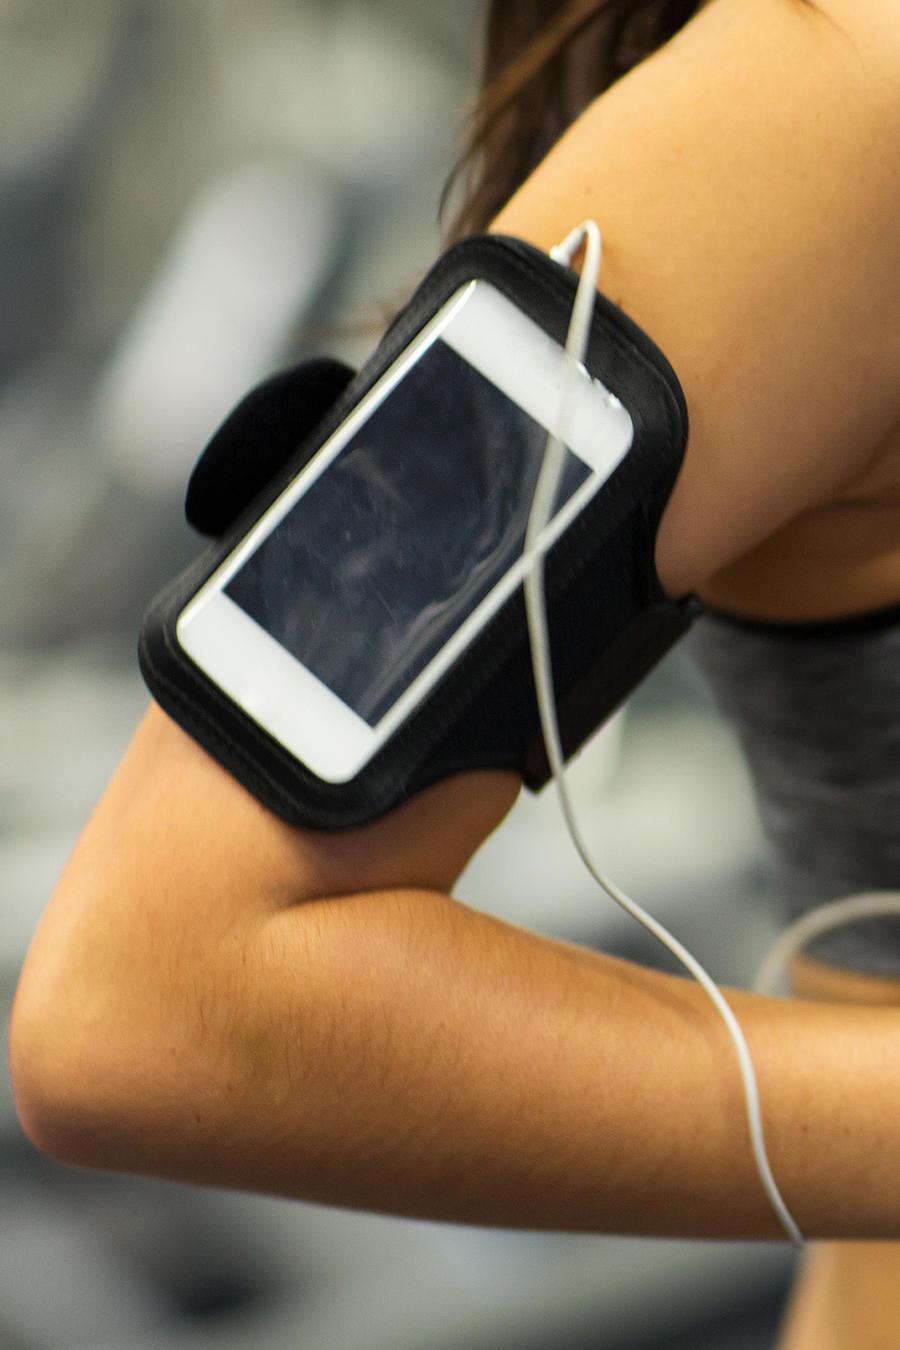 Mujer corriendo con celular en el brazo y auriculares